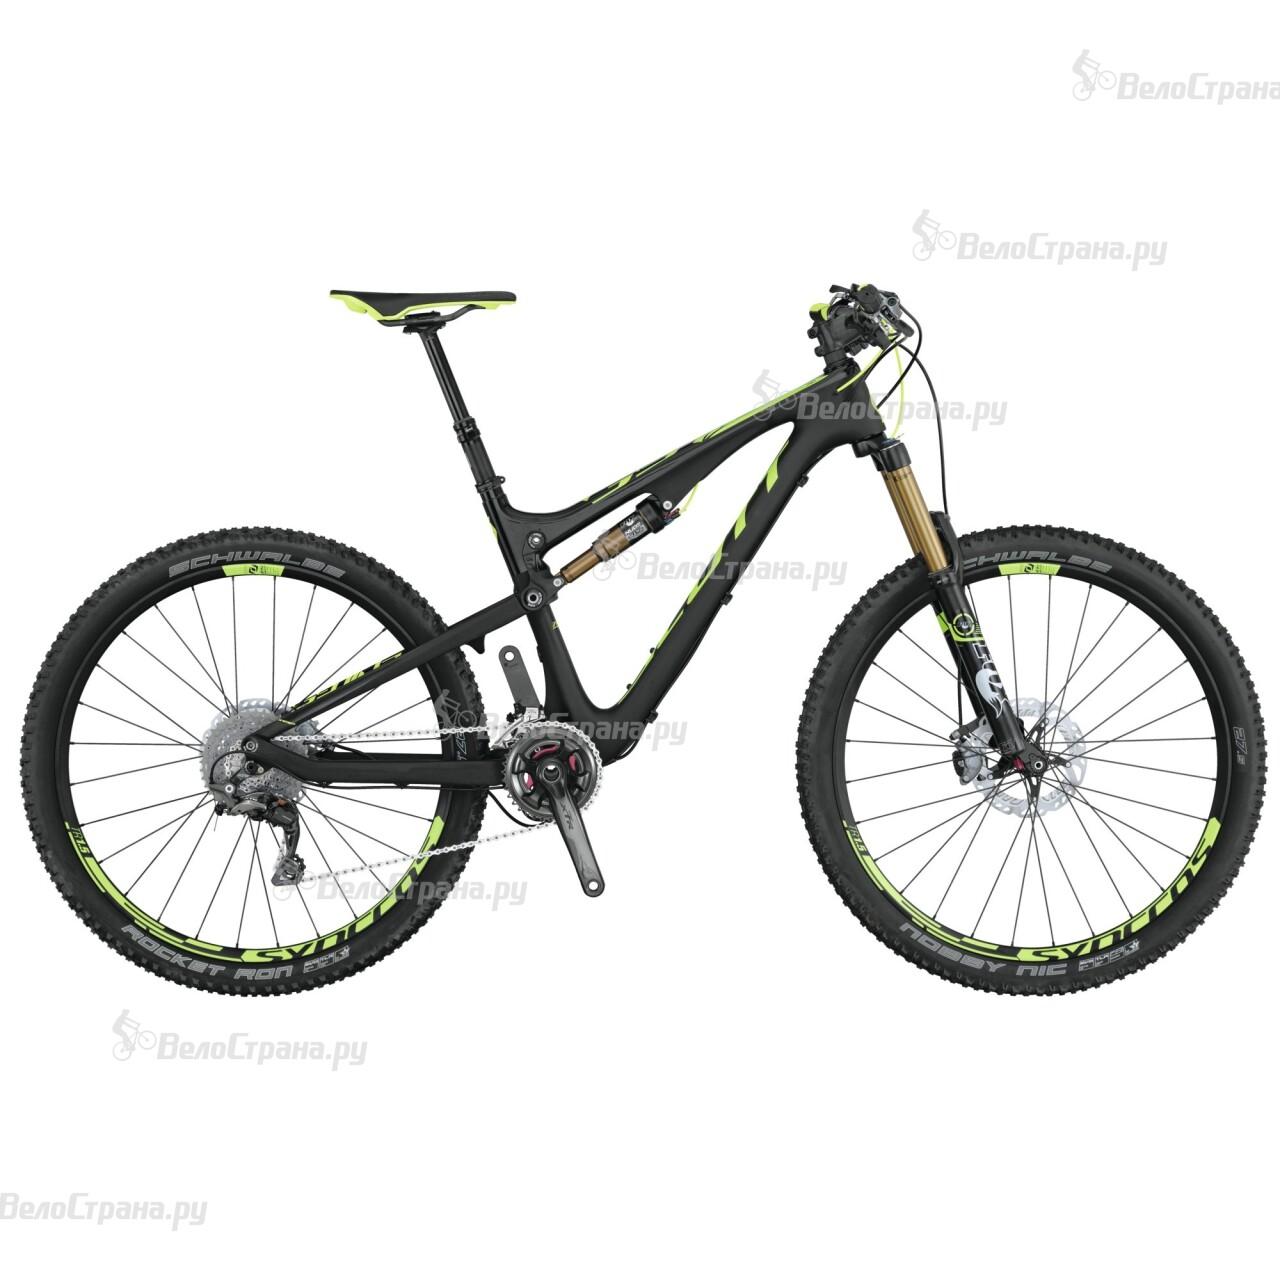 Велосипед Scott Genius 700 Premium (2015) scott genius 750 2015